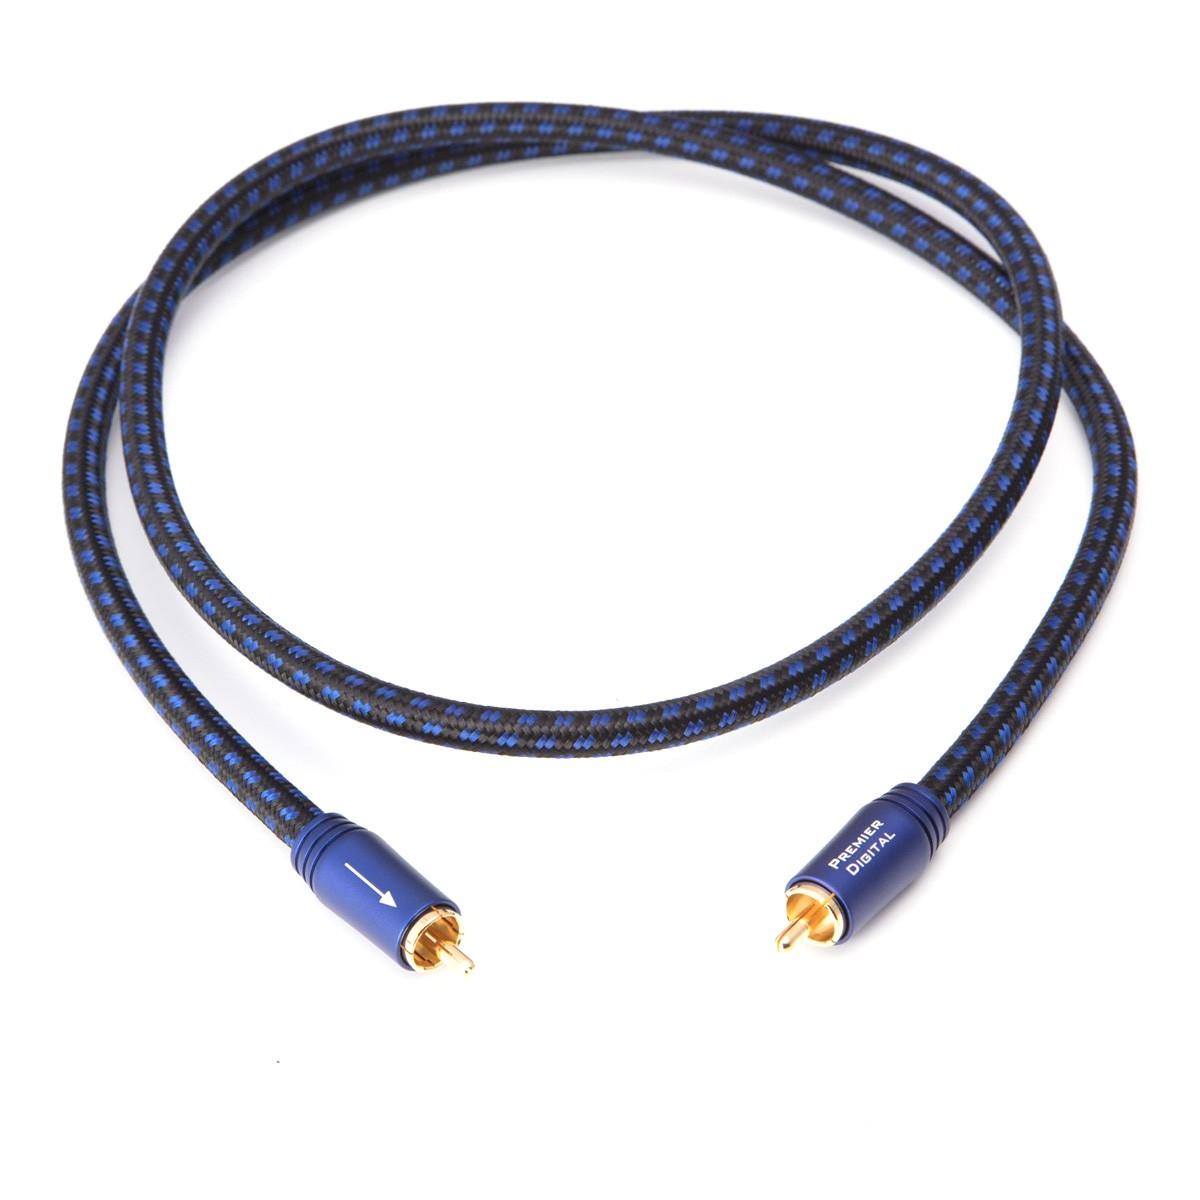 PANGEA PREMIER Câble Coaxial Cuivre OFC Plaqué Argent Double Blindage 1.5m